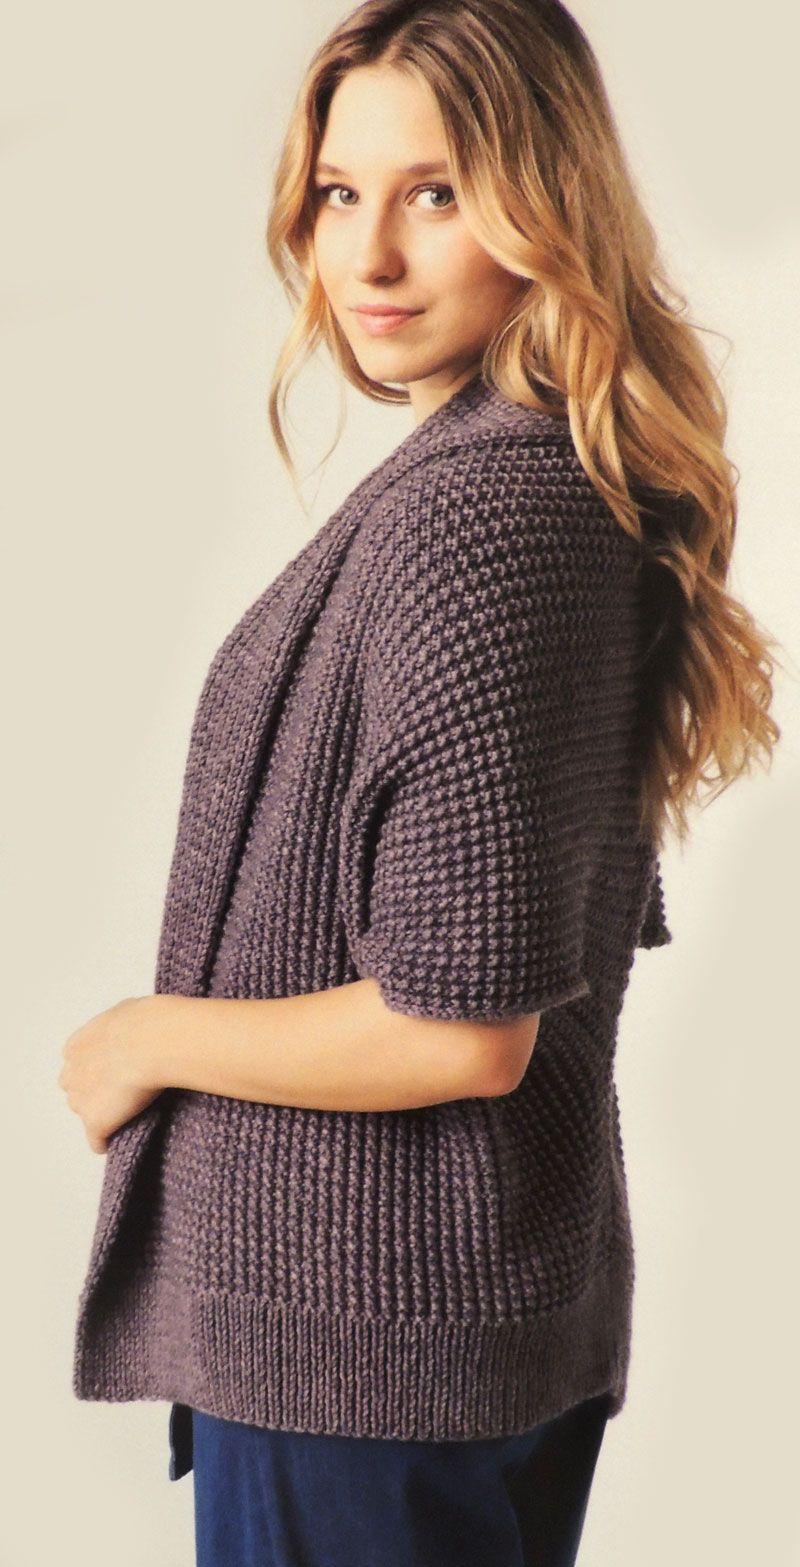 Patron para Tejer un Sweater Mangas Cortas en una sola pieza (3 ...